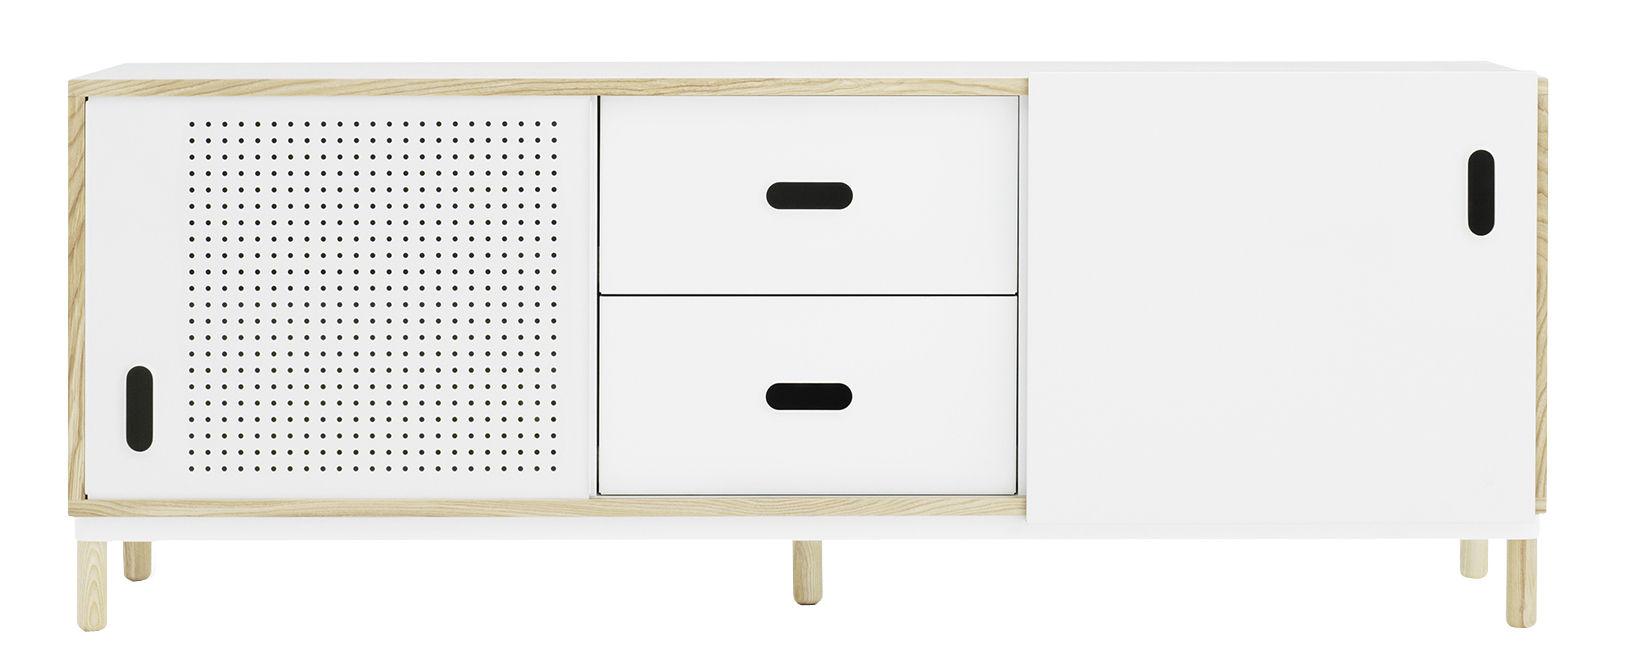 Arredamento - Contenitori, Credenze... - Buffet Kabino - / L 162 cm - cassetti di Normann Copenhagen - Bianco & frassino - Alluminio laccato, Frassino naturale, MDF